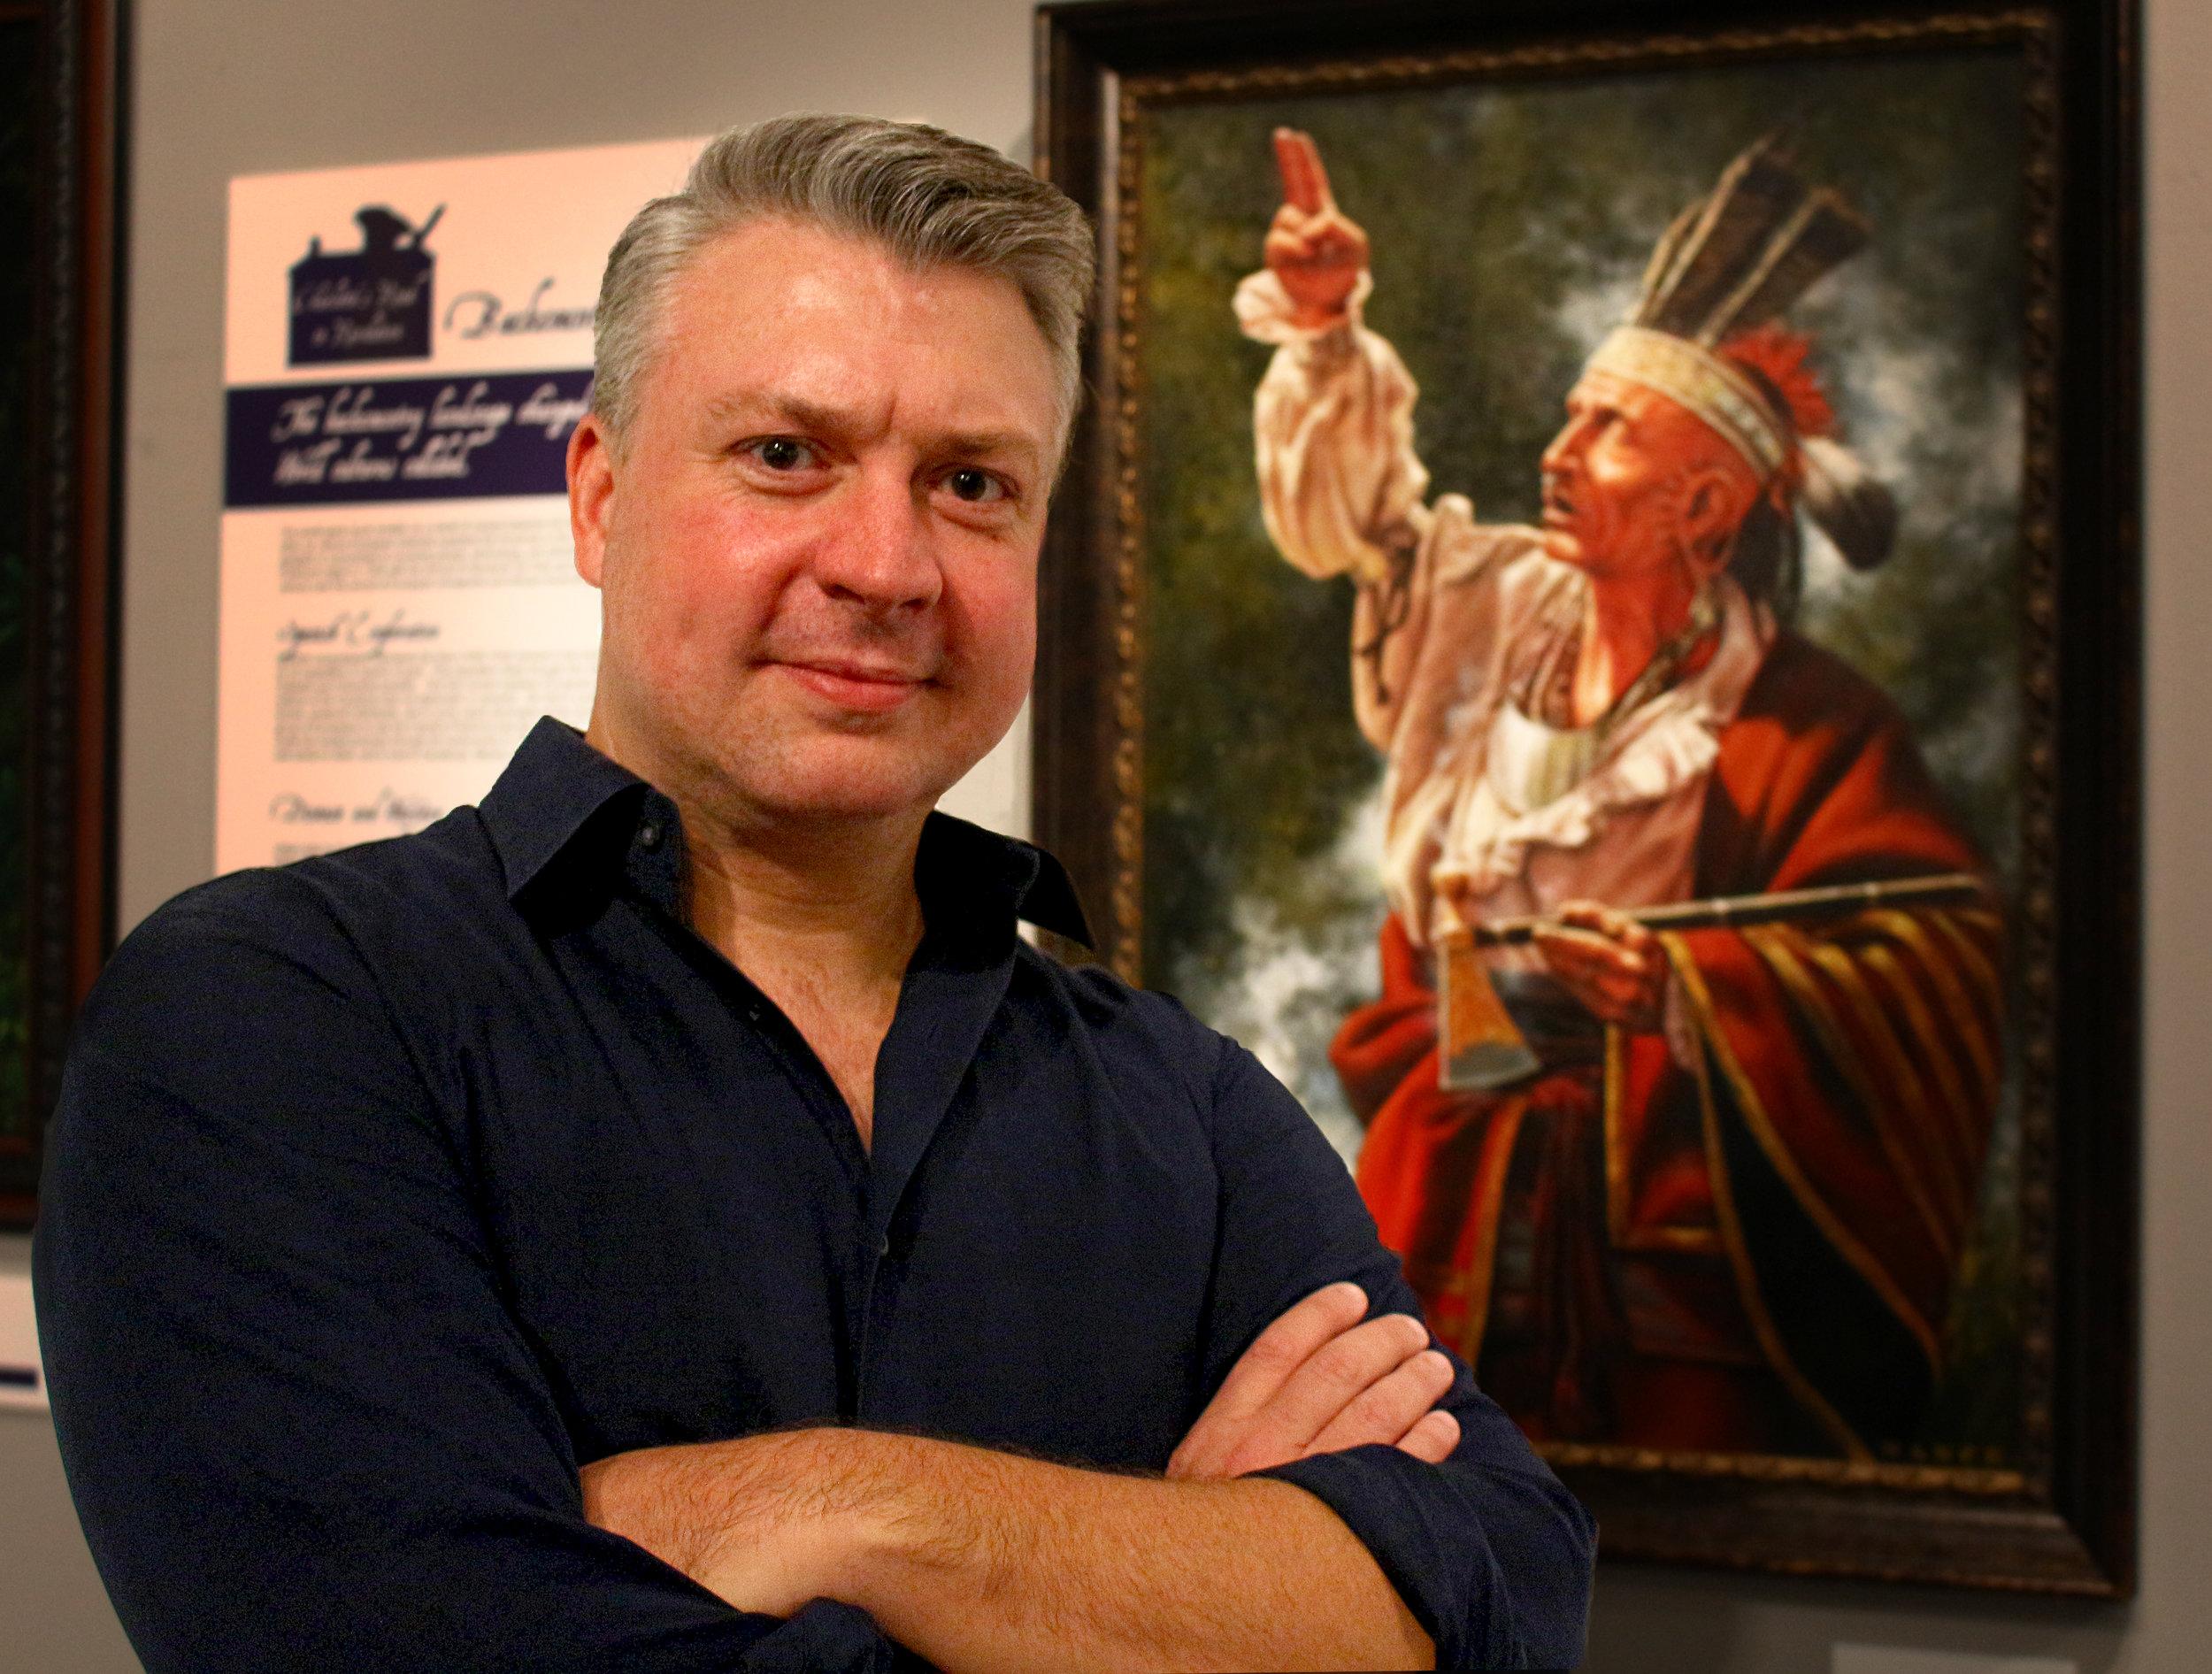 Artist Dan Nance